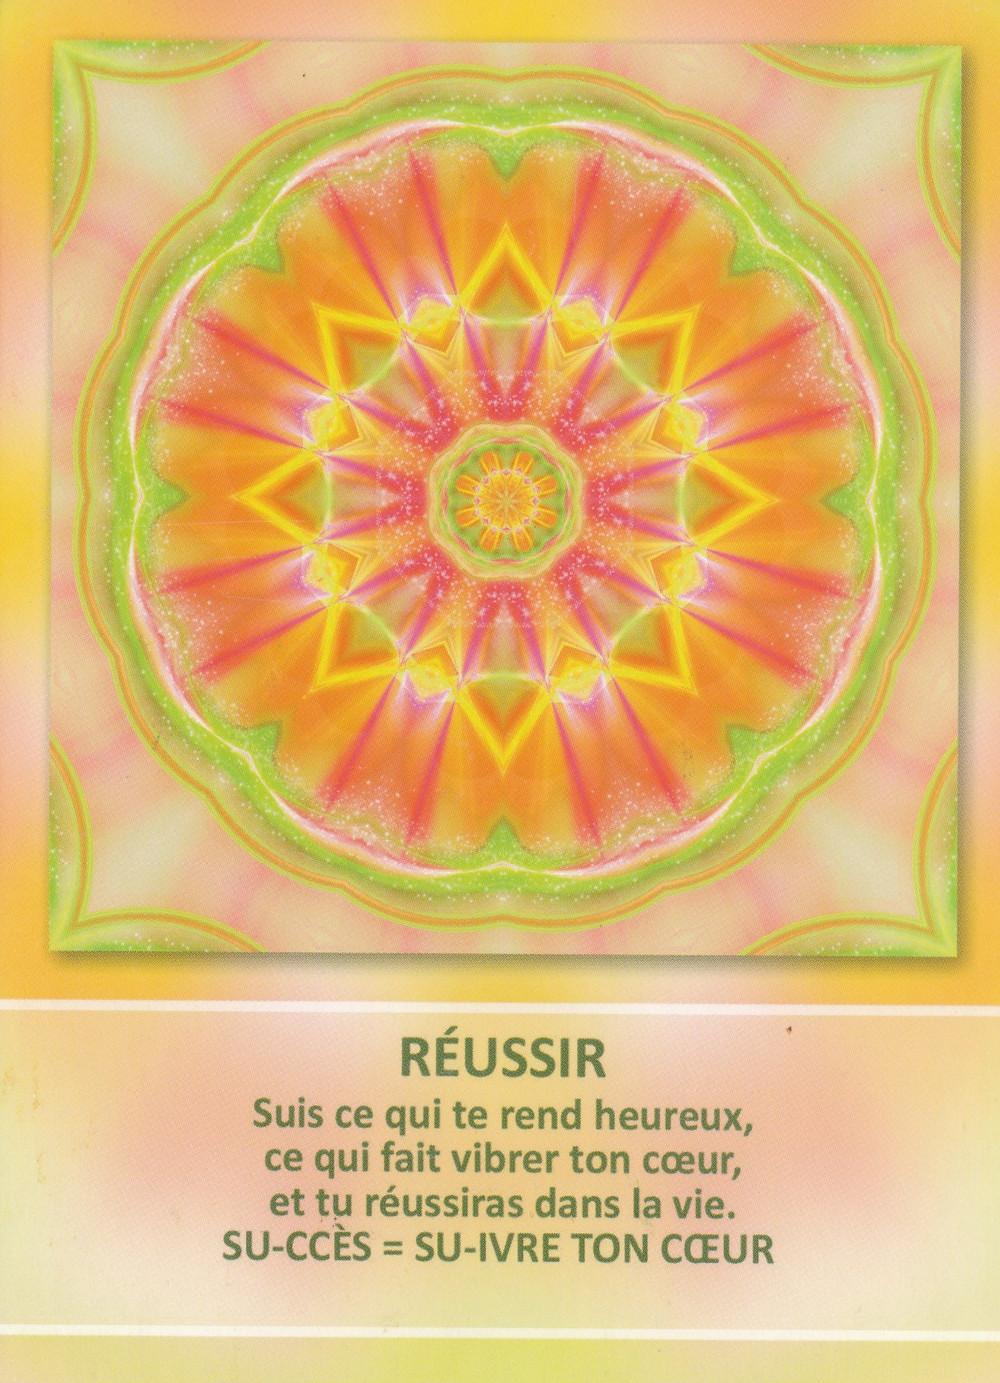 Carte de L'Oracle des Mandalas d'Énergie de Gaby Shayana Hoffmann : Réussir - Energies du weekend du 10 au 12 janvier 2020 : Il est temps de s'affranchir pour s'Unir !  (Pleine Lune Eclipse du 10 janvier)